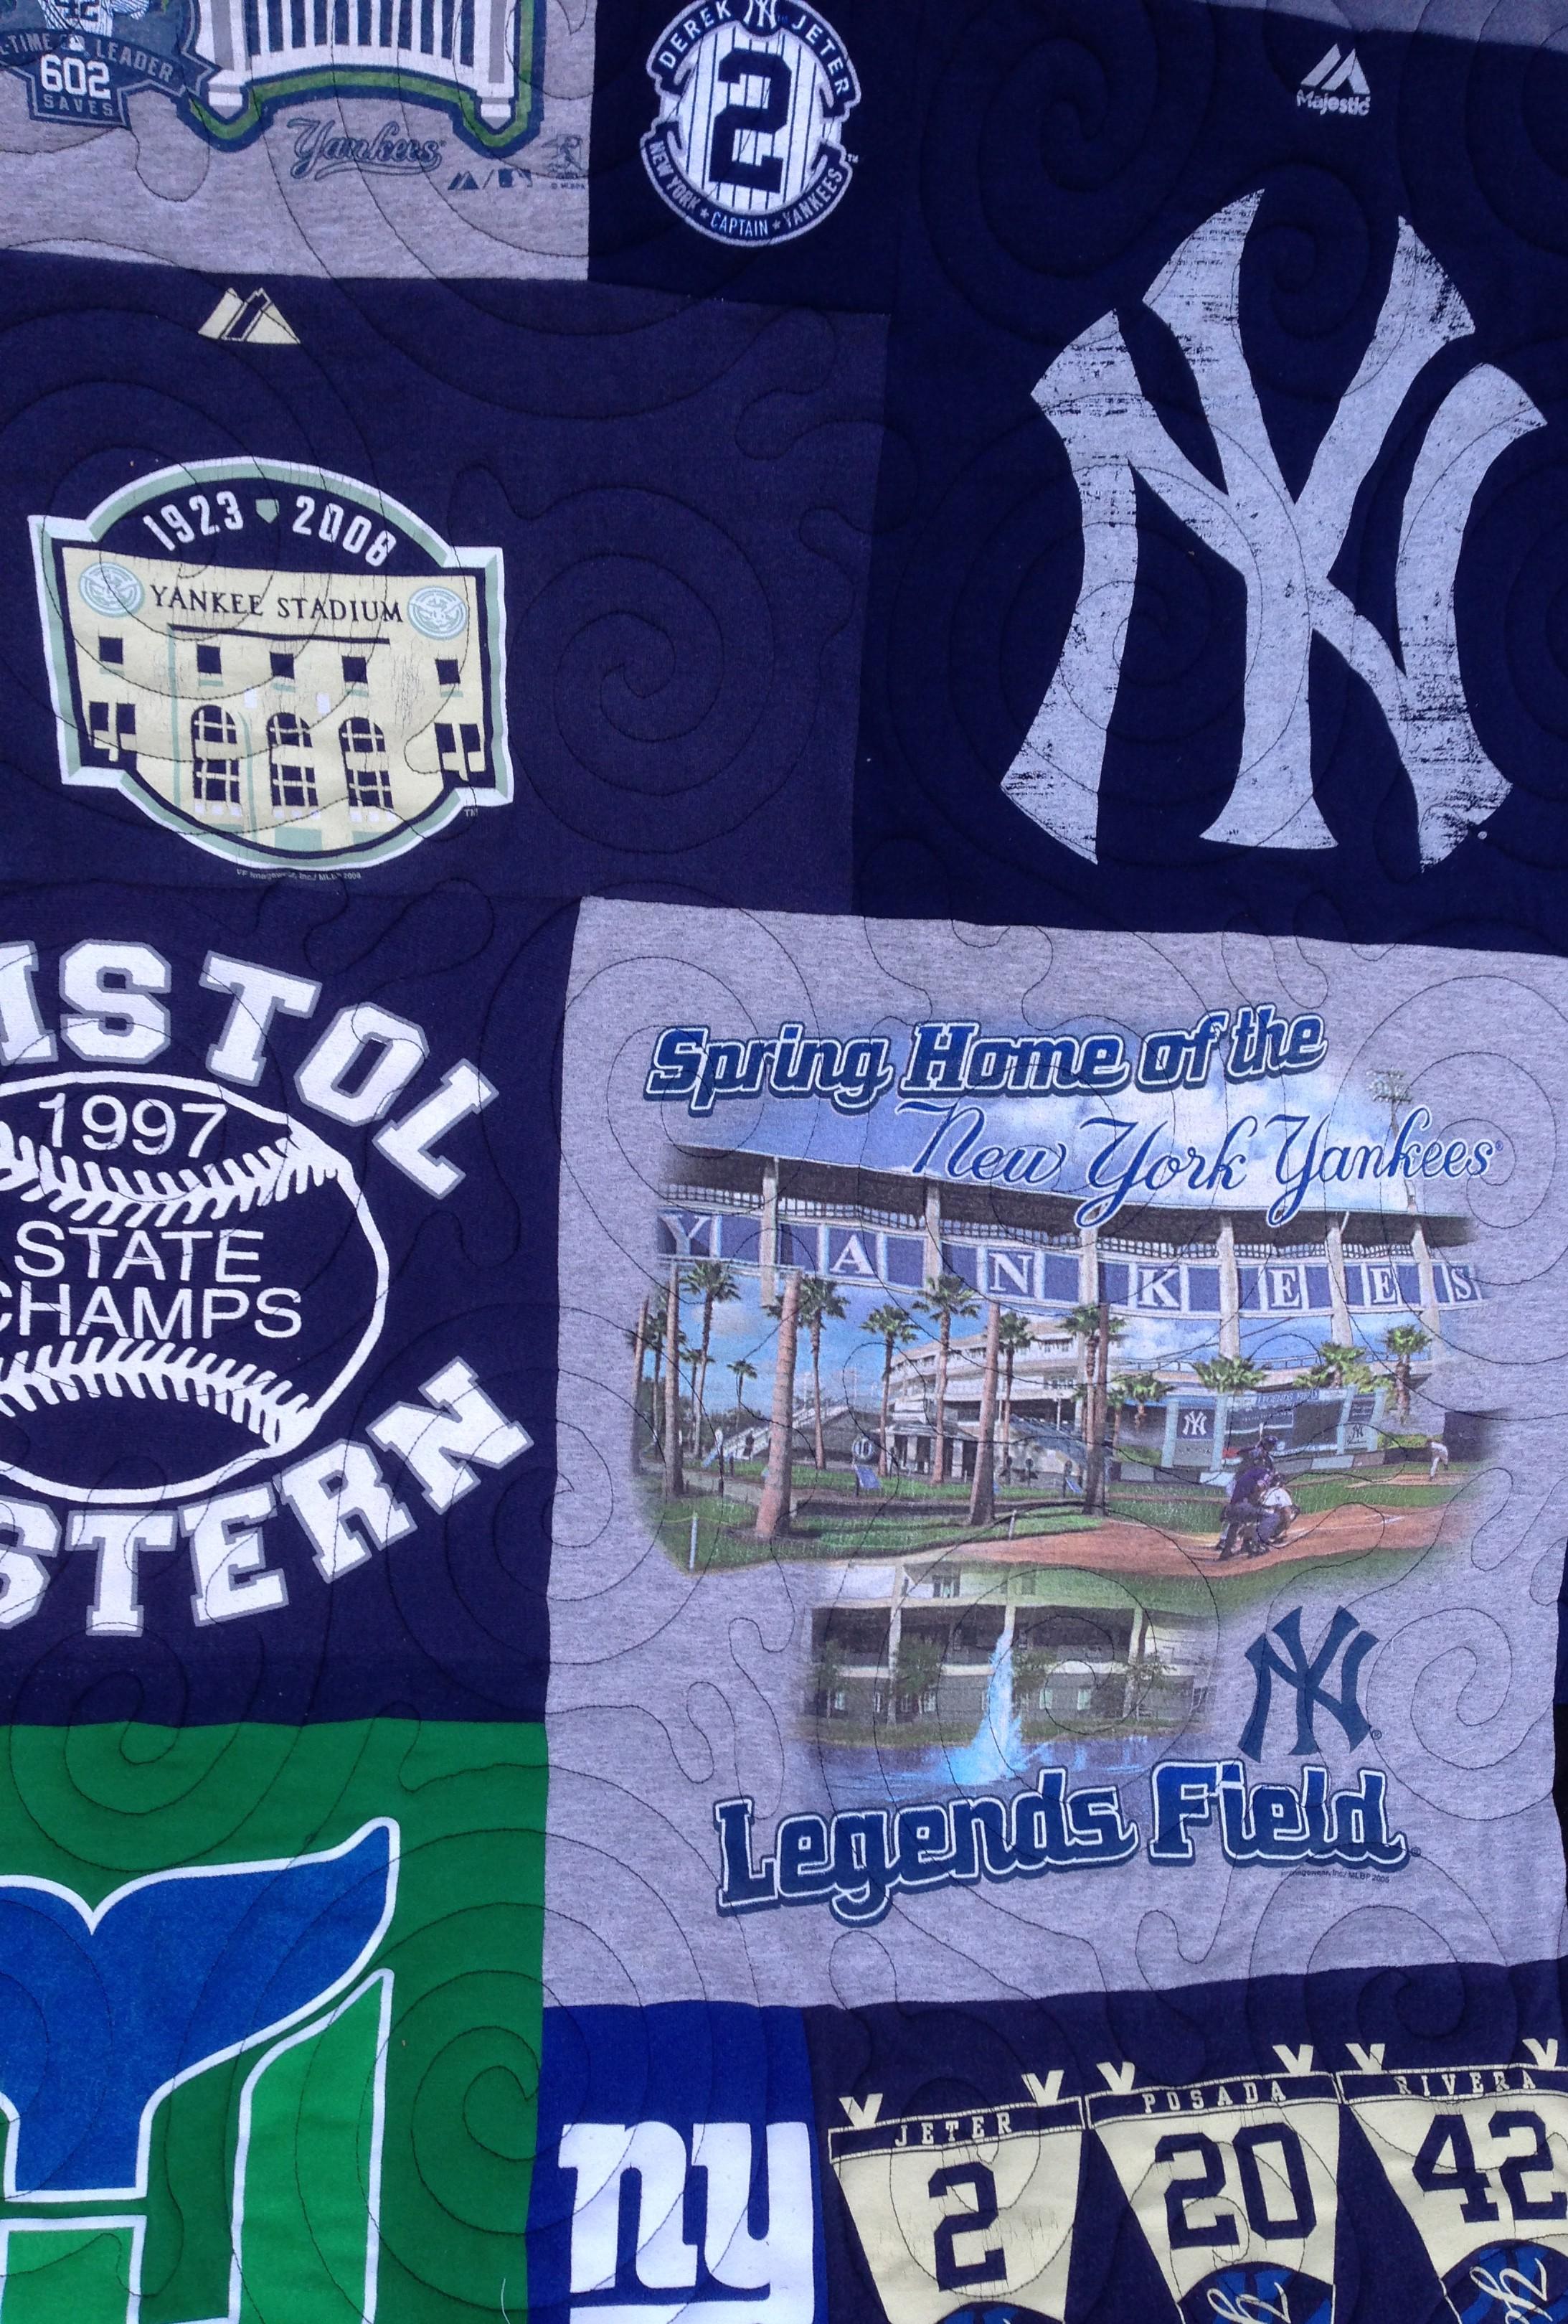 baseball t-shirt quilt, Legends Field t-shirt quilt, Yankees t-shirt quilt